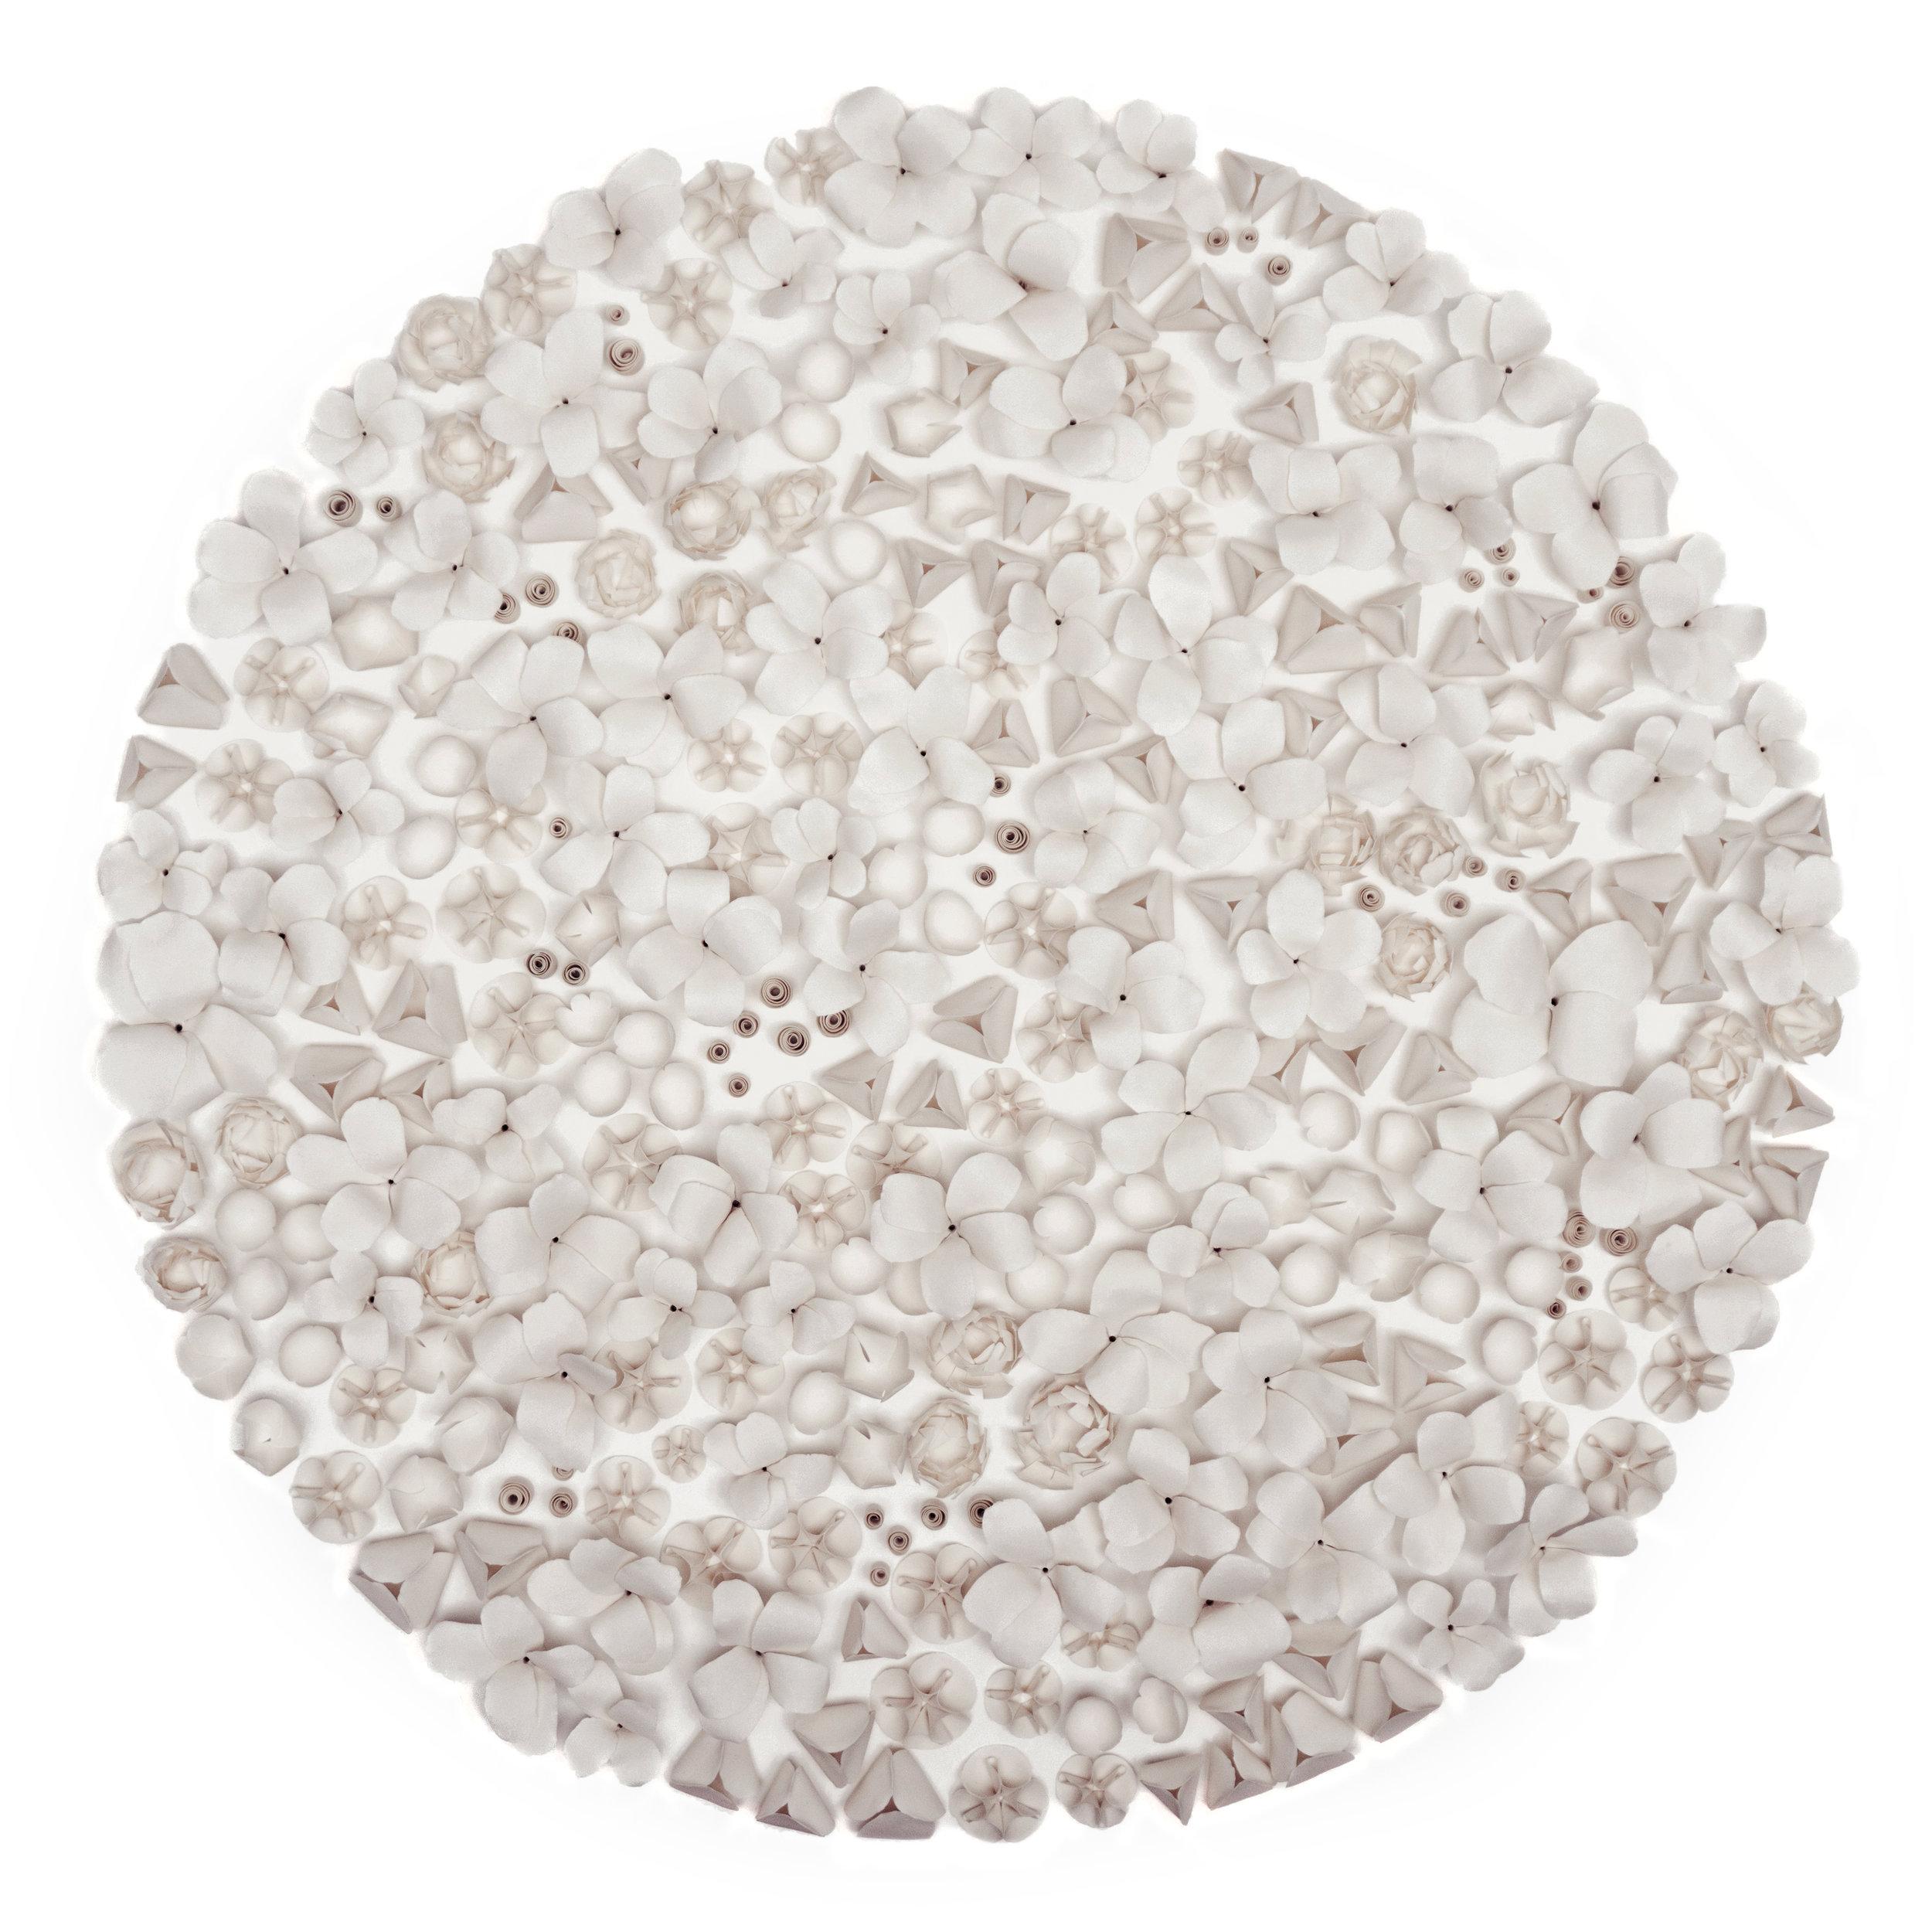 Flora , 2019, Porcelain, 47 1/4 x 47 1/4 inches